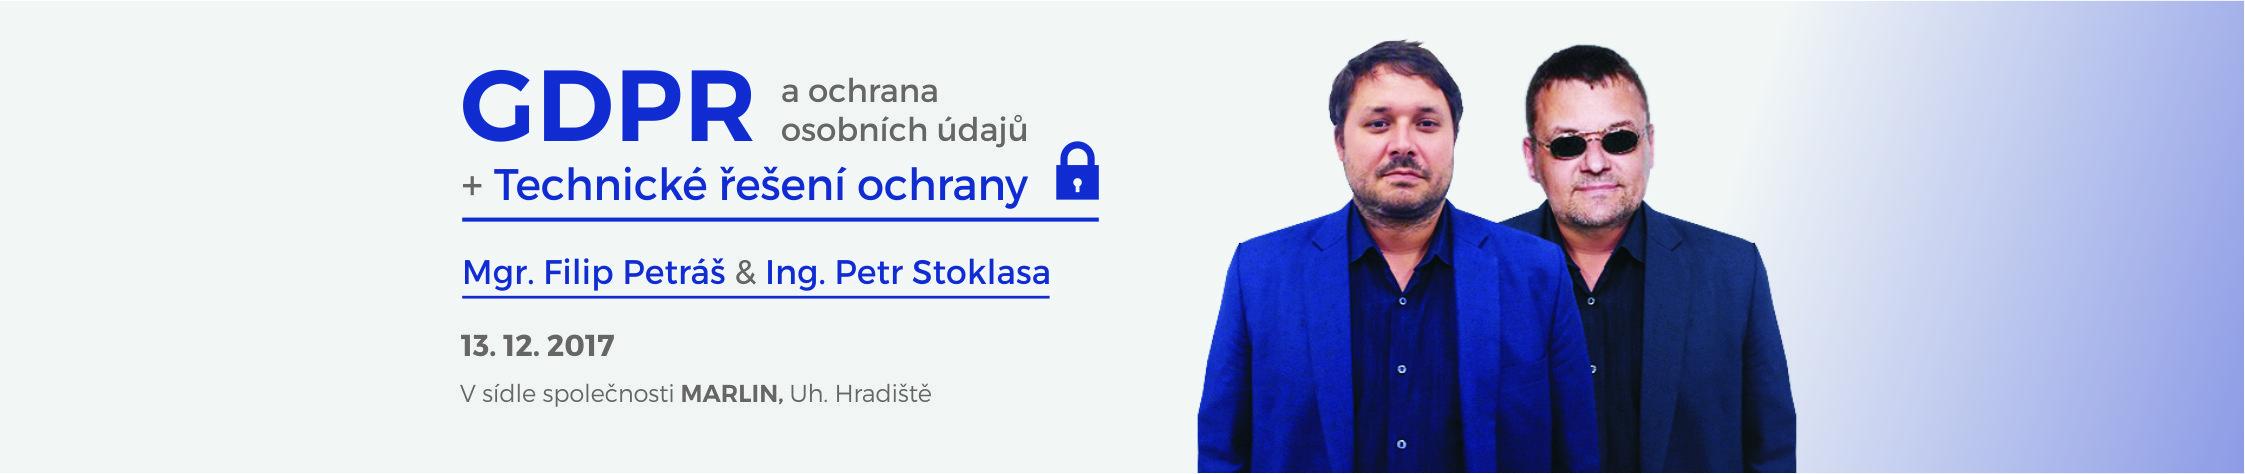 GDPR - ochrana osobních údajů + technické řešení ochrany